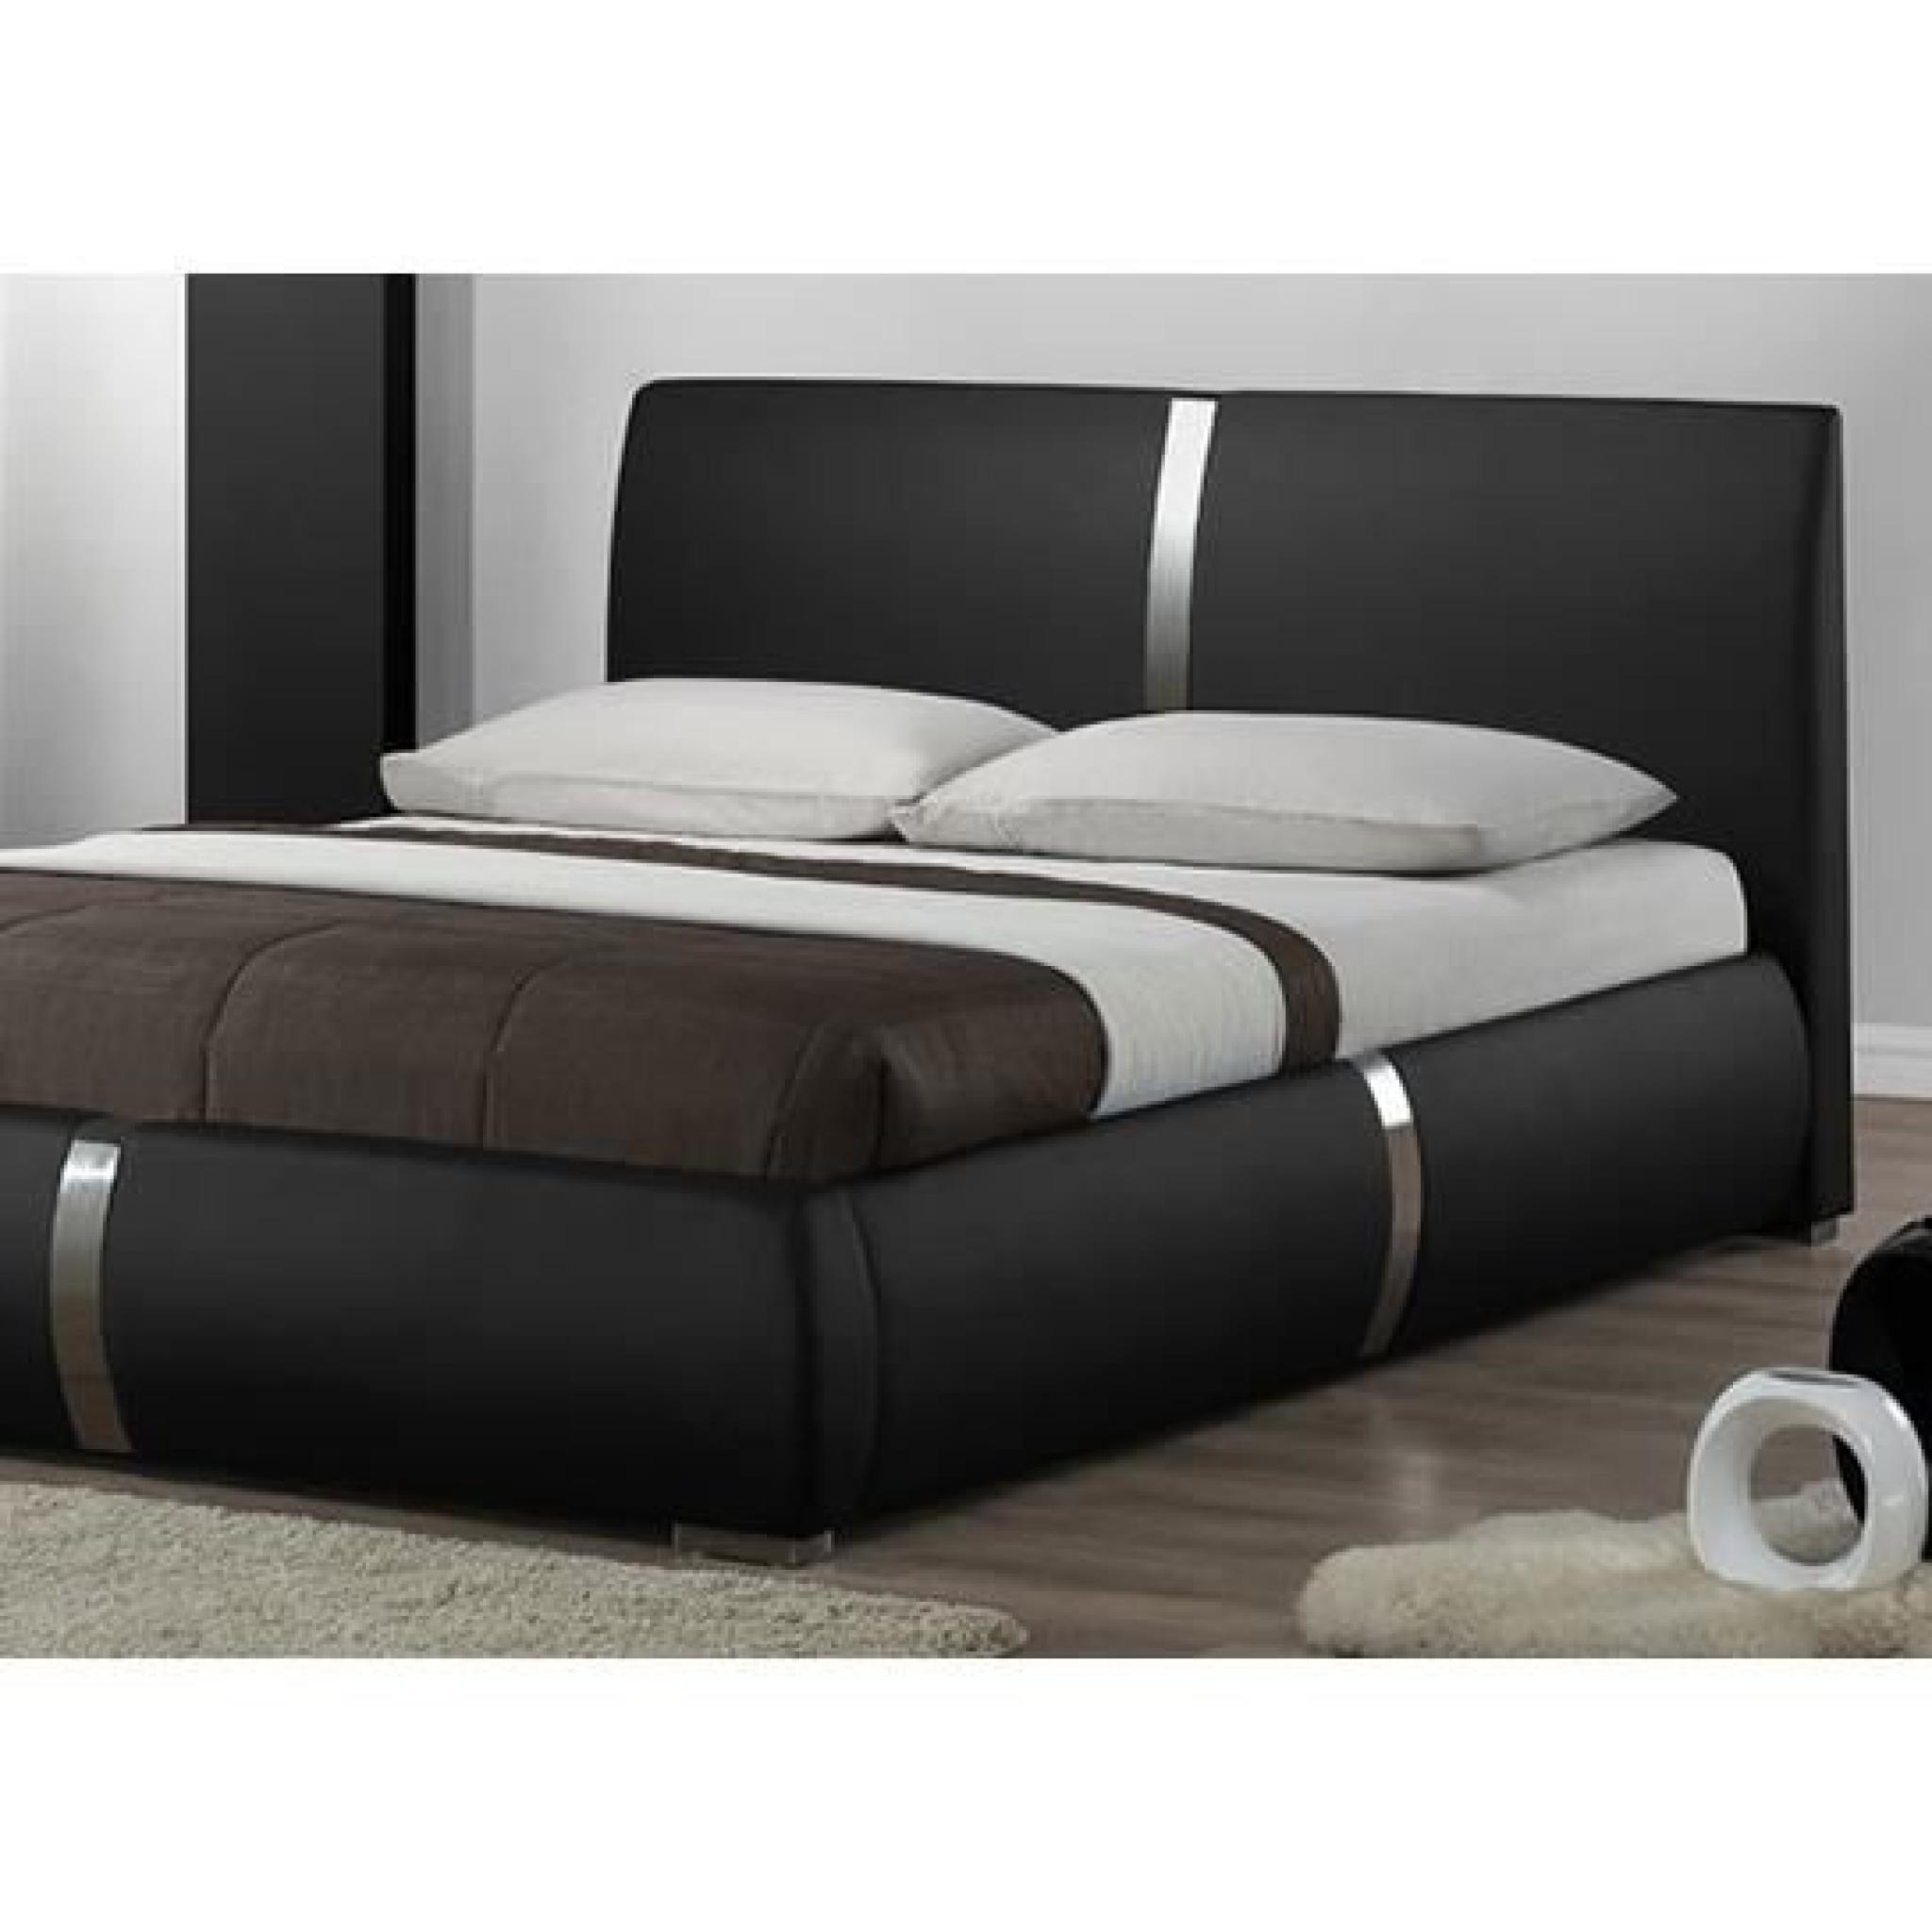 Lit Design Noir Ulysse 160cm. modèle moderne et...